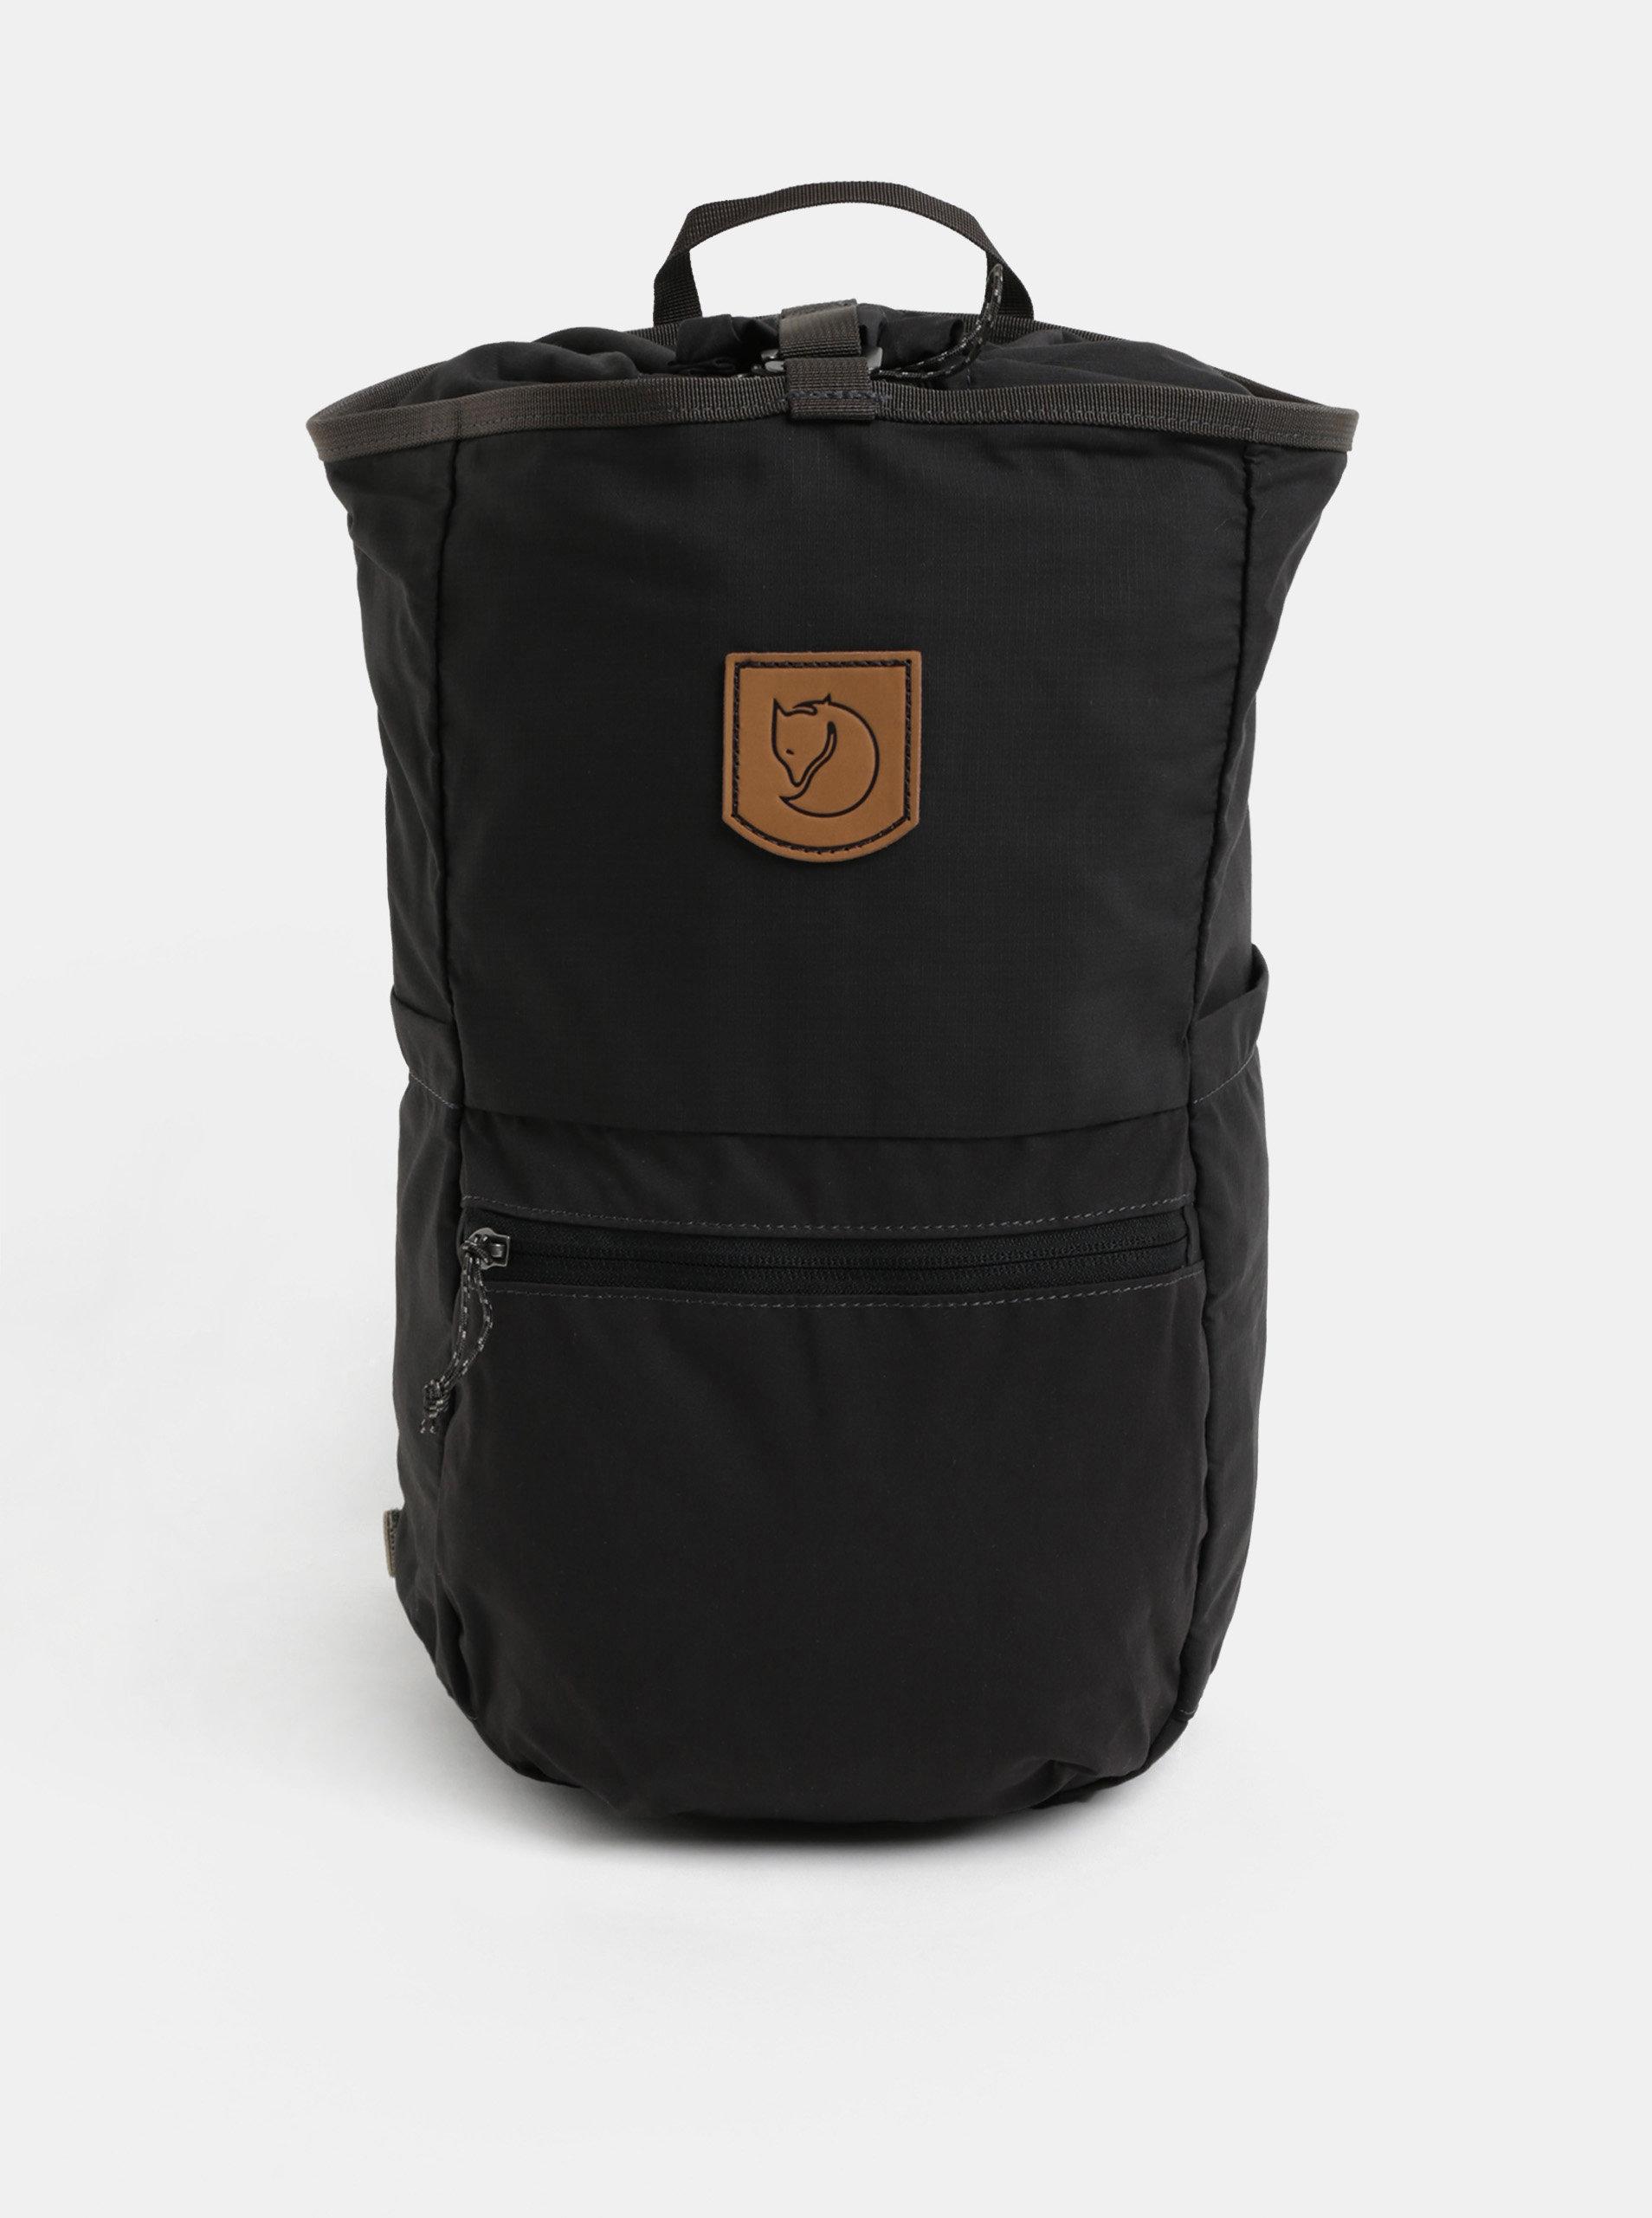 Sivý batoh s koženou nášivkou Fjällräven High Coast 18 l ... a971229749